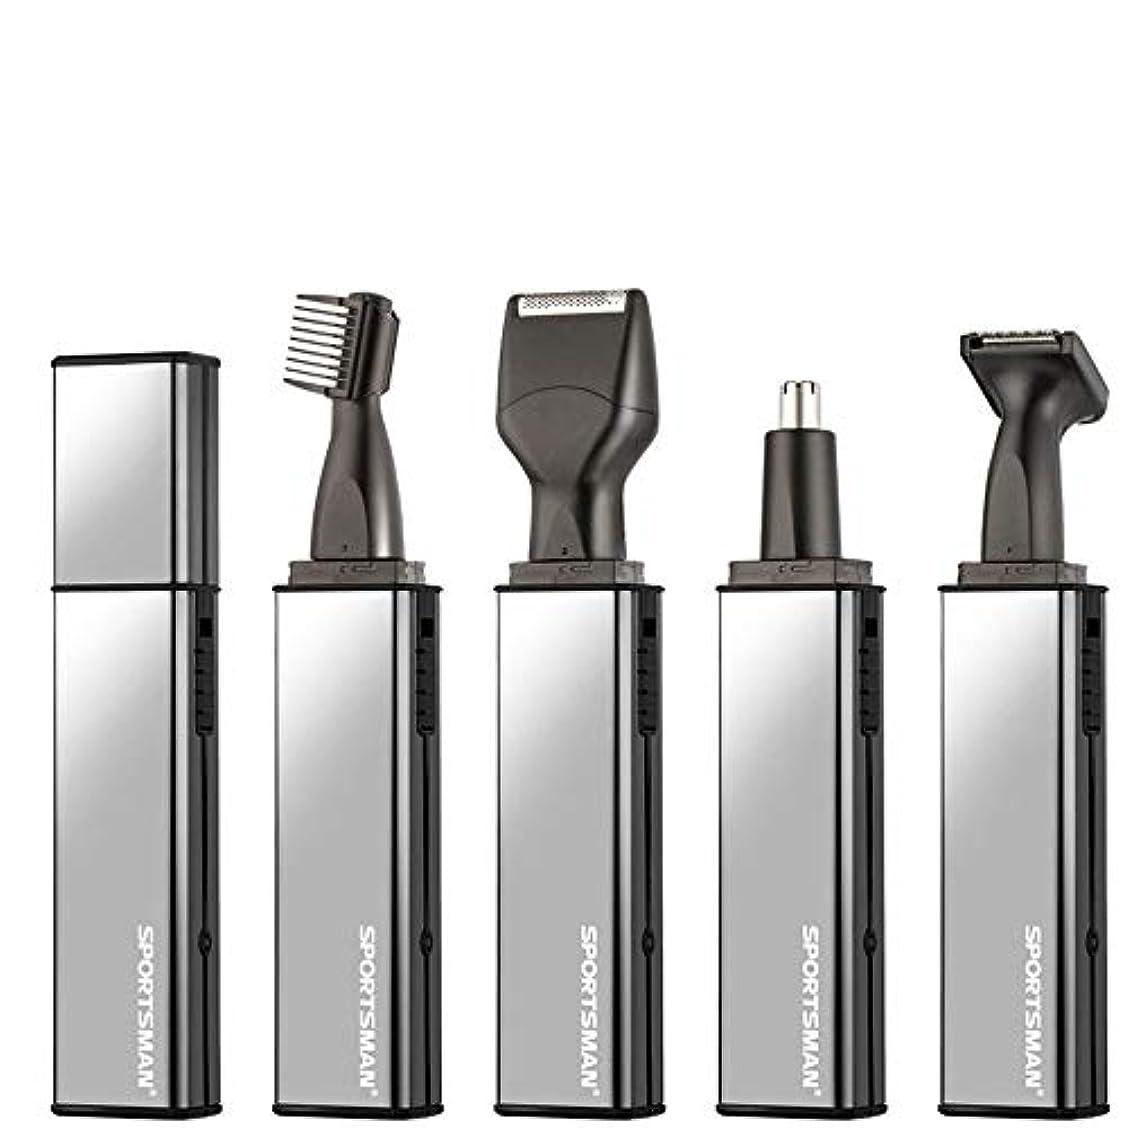 あざ付けるミシン電気鼻毛トリマーメンズ充電式ステンレスミニカミソリの修復髪の修復眉毛 (Color : Black, Size : USB)